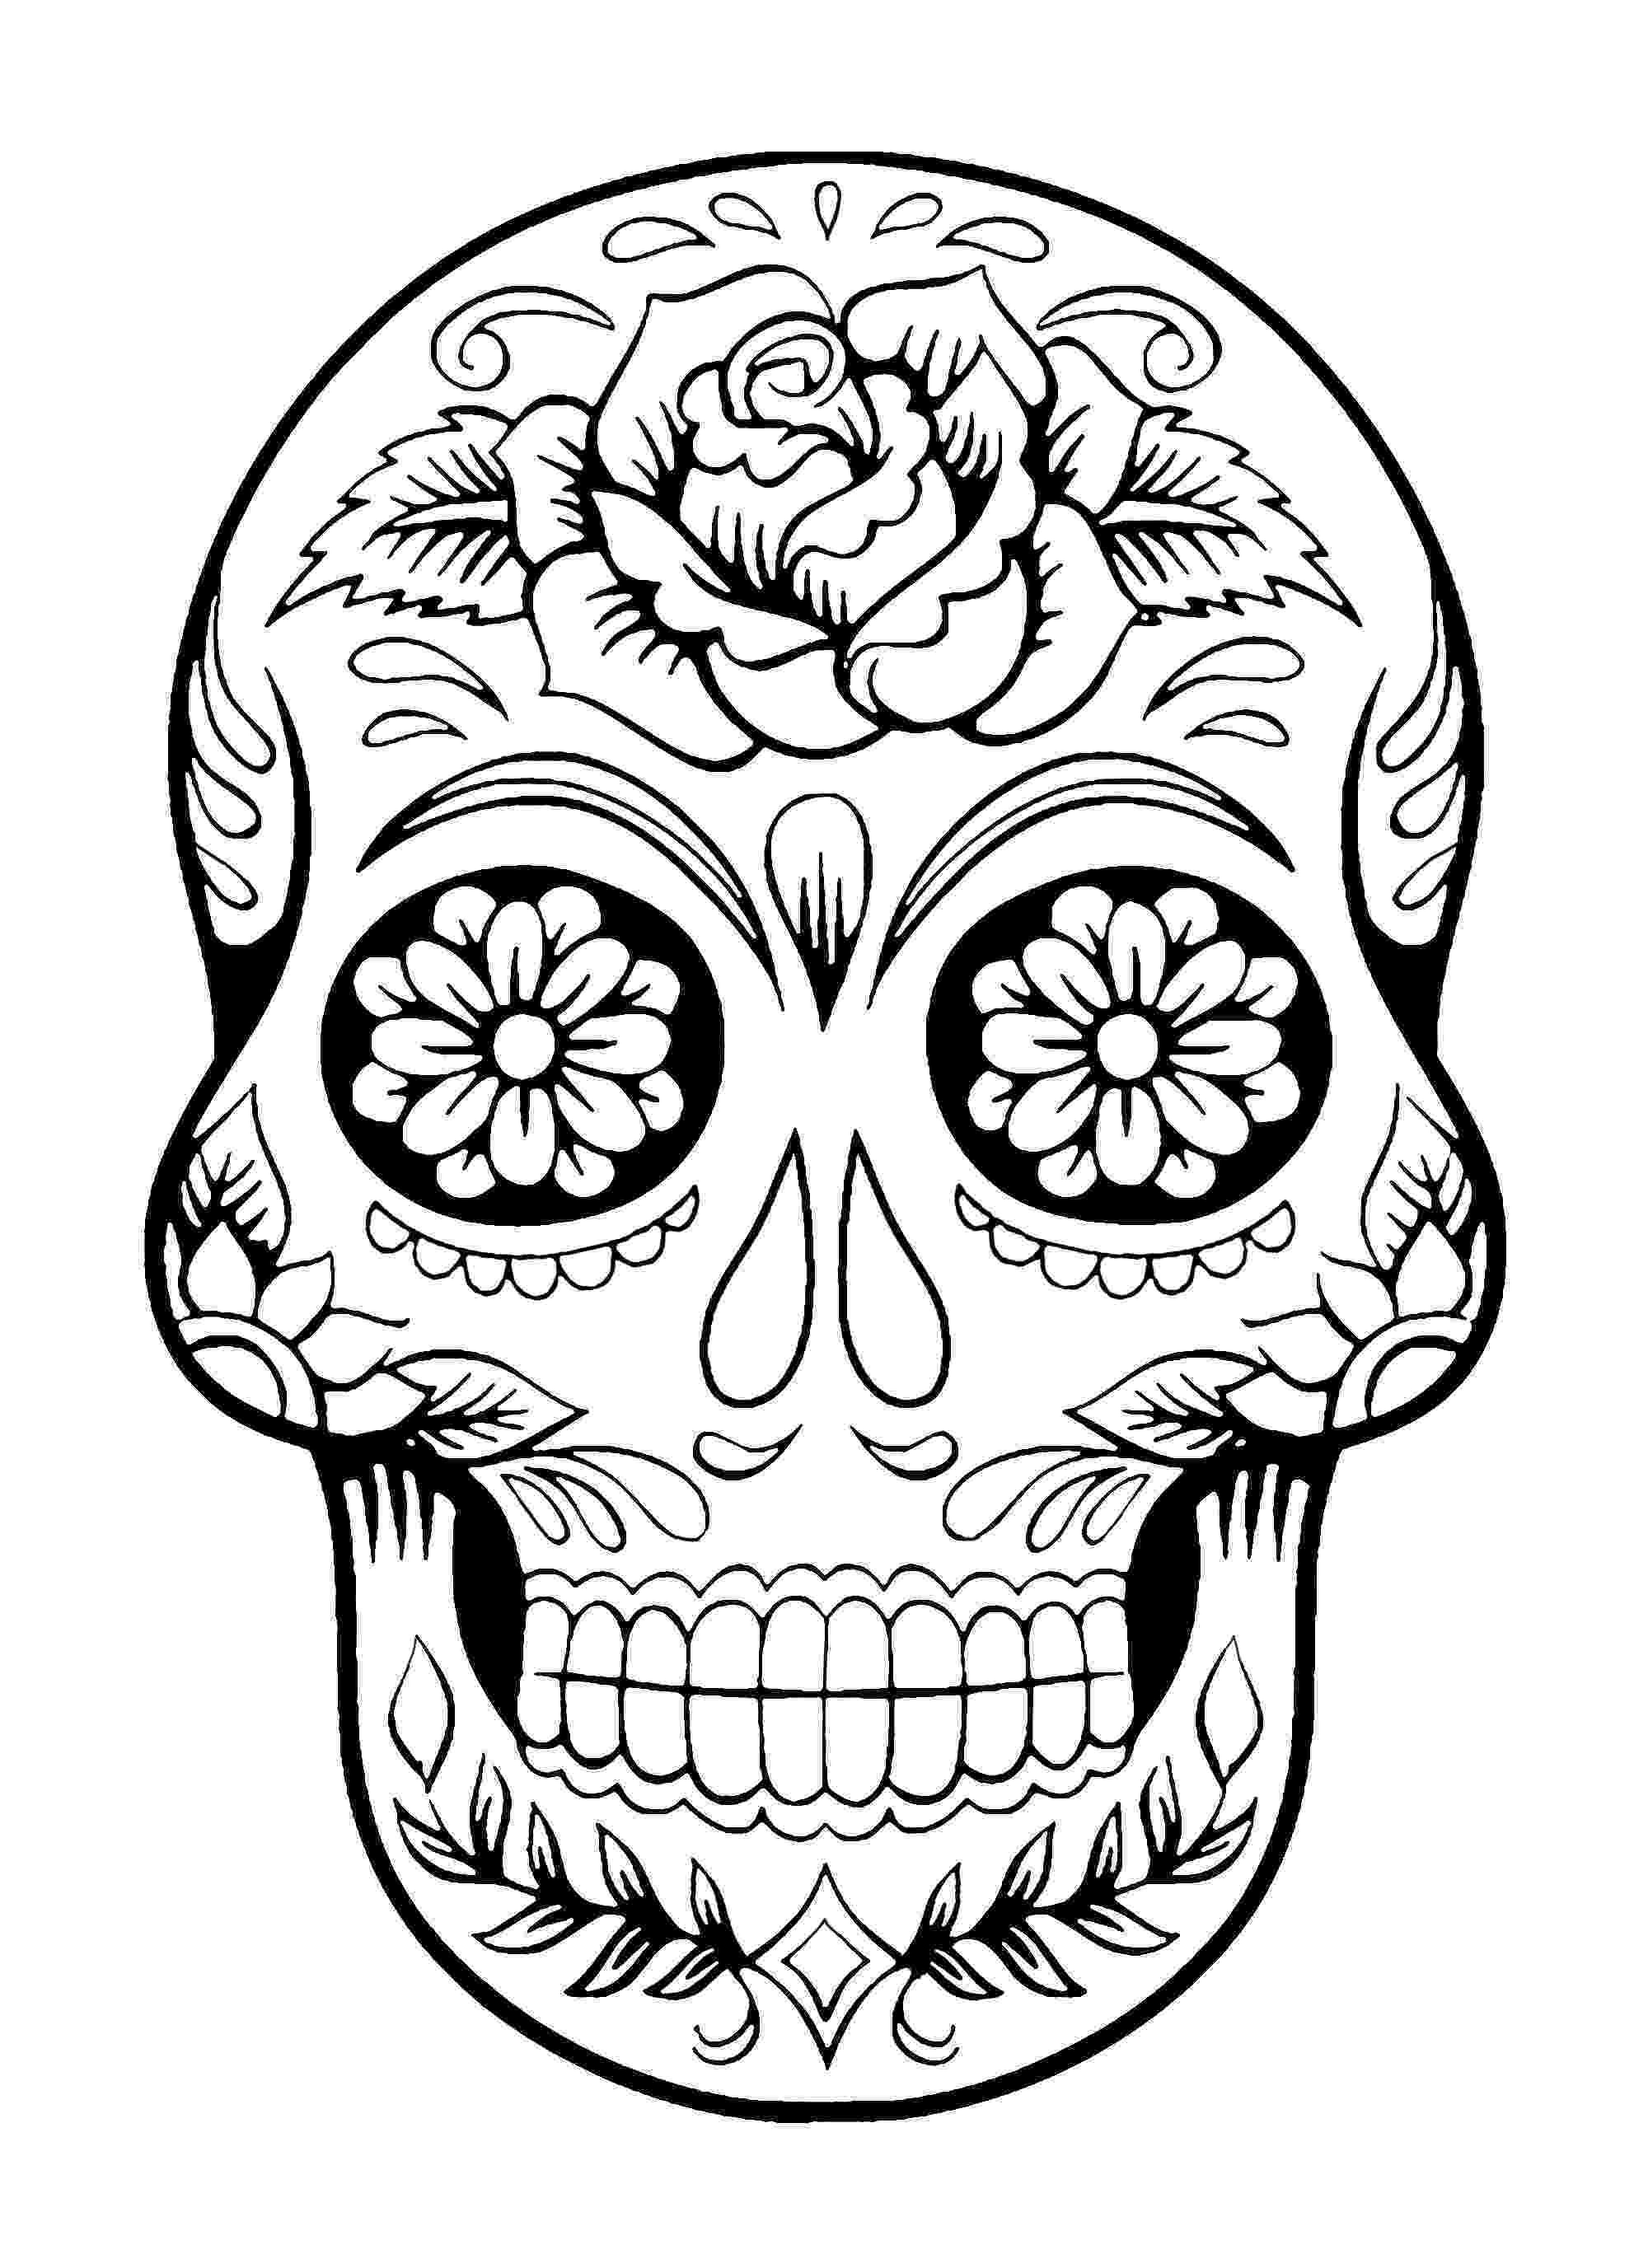 skull coloring sheets sugar skull coloring pages best coloring pages for kids sheets skull coloring